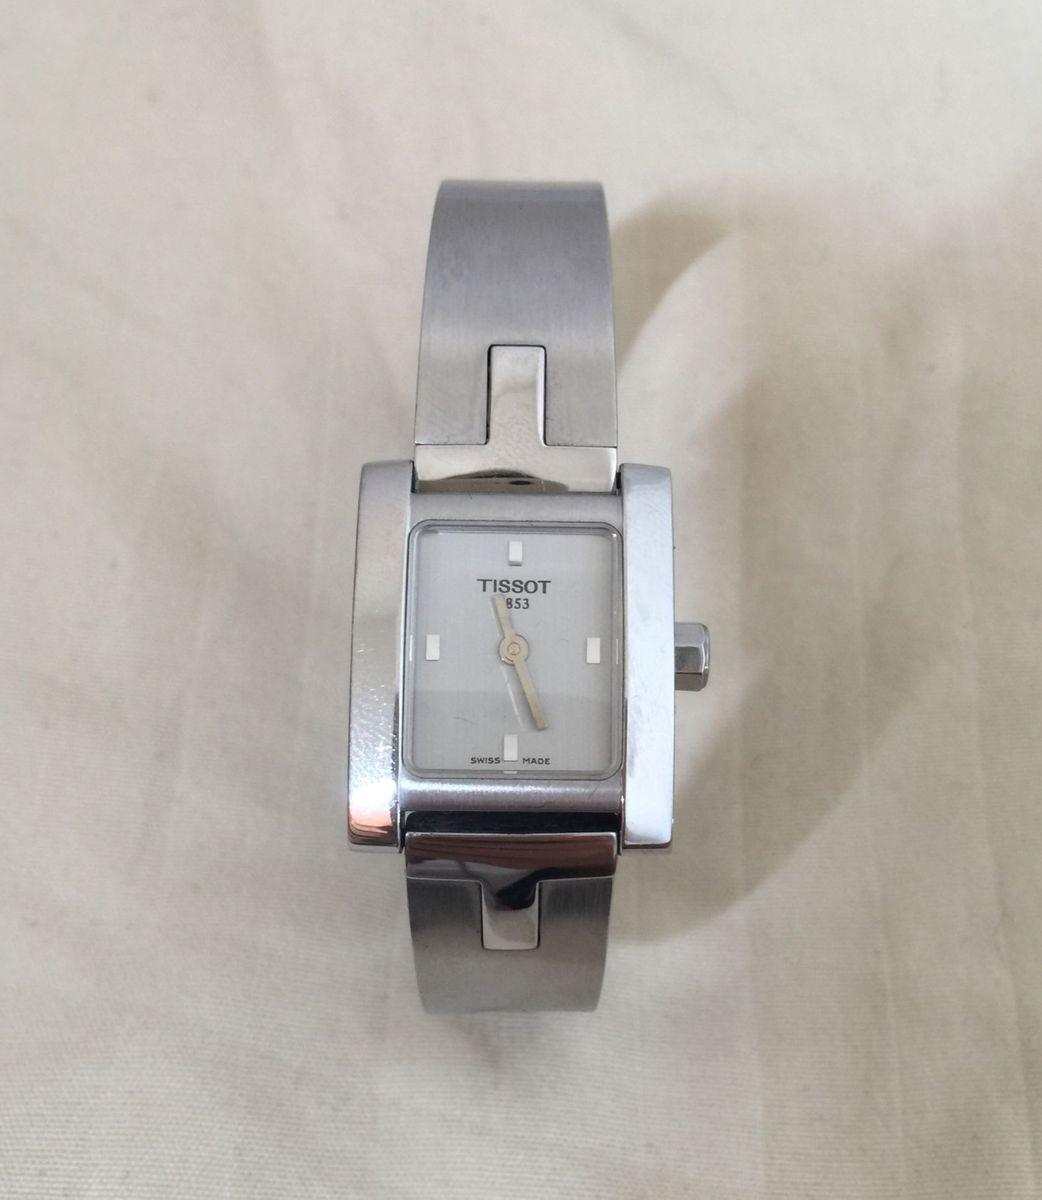 b4f1fdb5e5a relógio tissot - relógios tissot.  Czm6ly9wag90b3muzw5qb2vplmnvbs5ici9wcm9kdwn0cy84mtkwndgwl2zjzwzhowm0otfjyje5ywezndniodu0nwy2zguyzjc3lmpwzw  ...